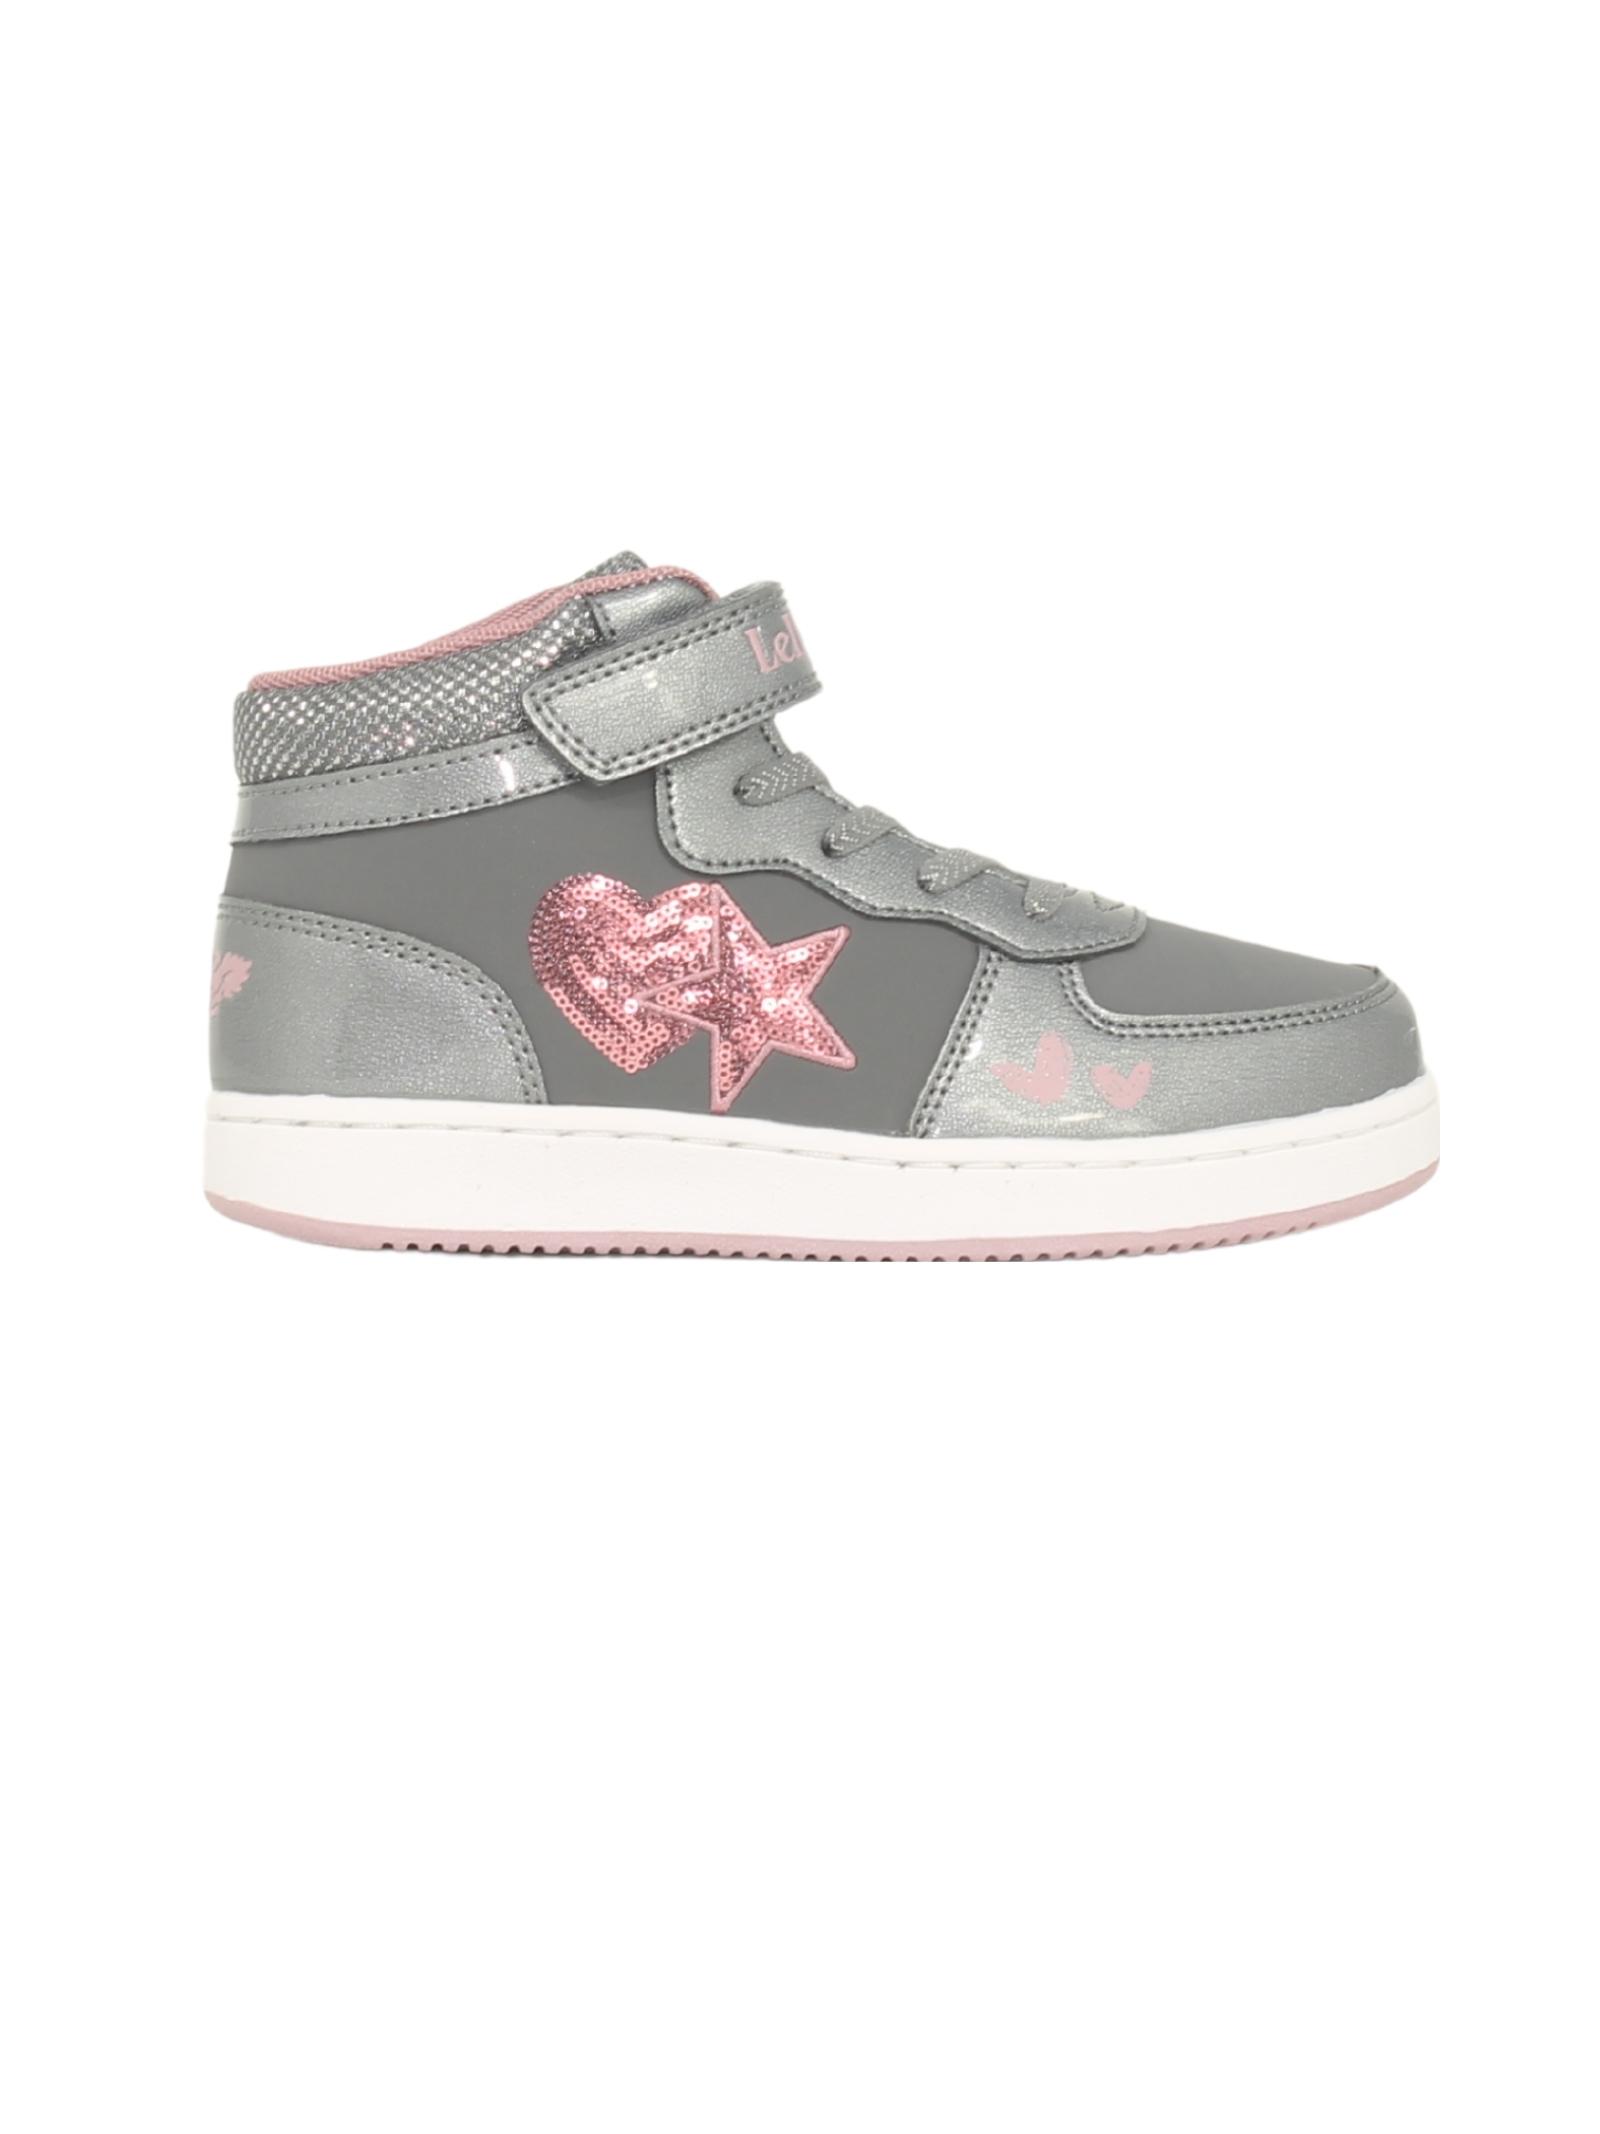 Sneakers Stars Bambina LELLI KELLY | Sneakers | LK4860PELTRO